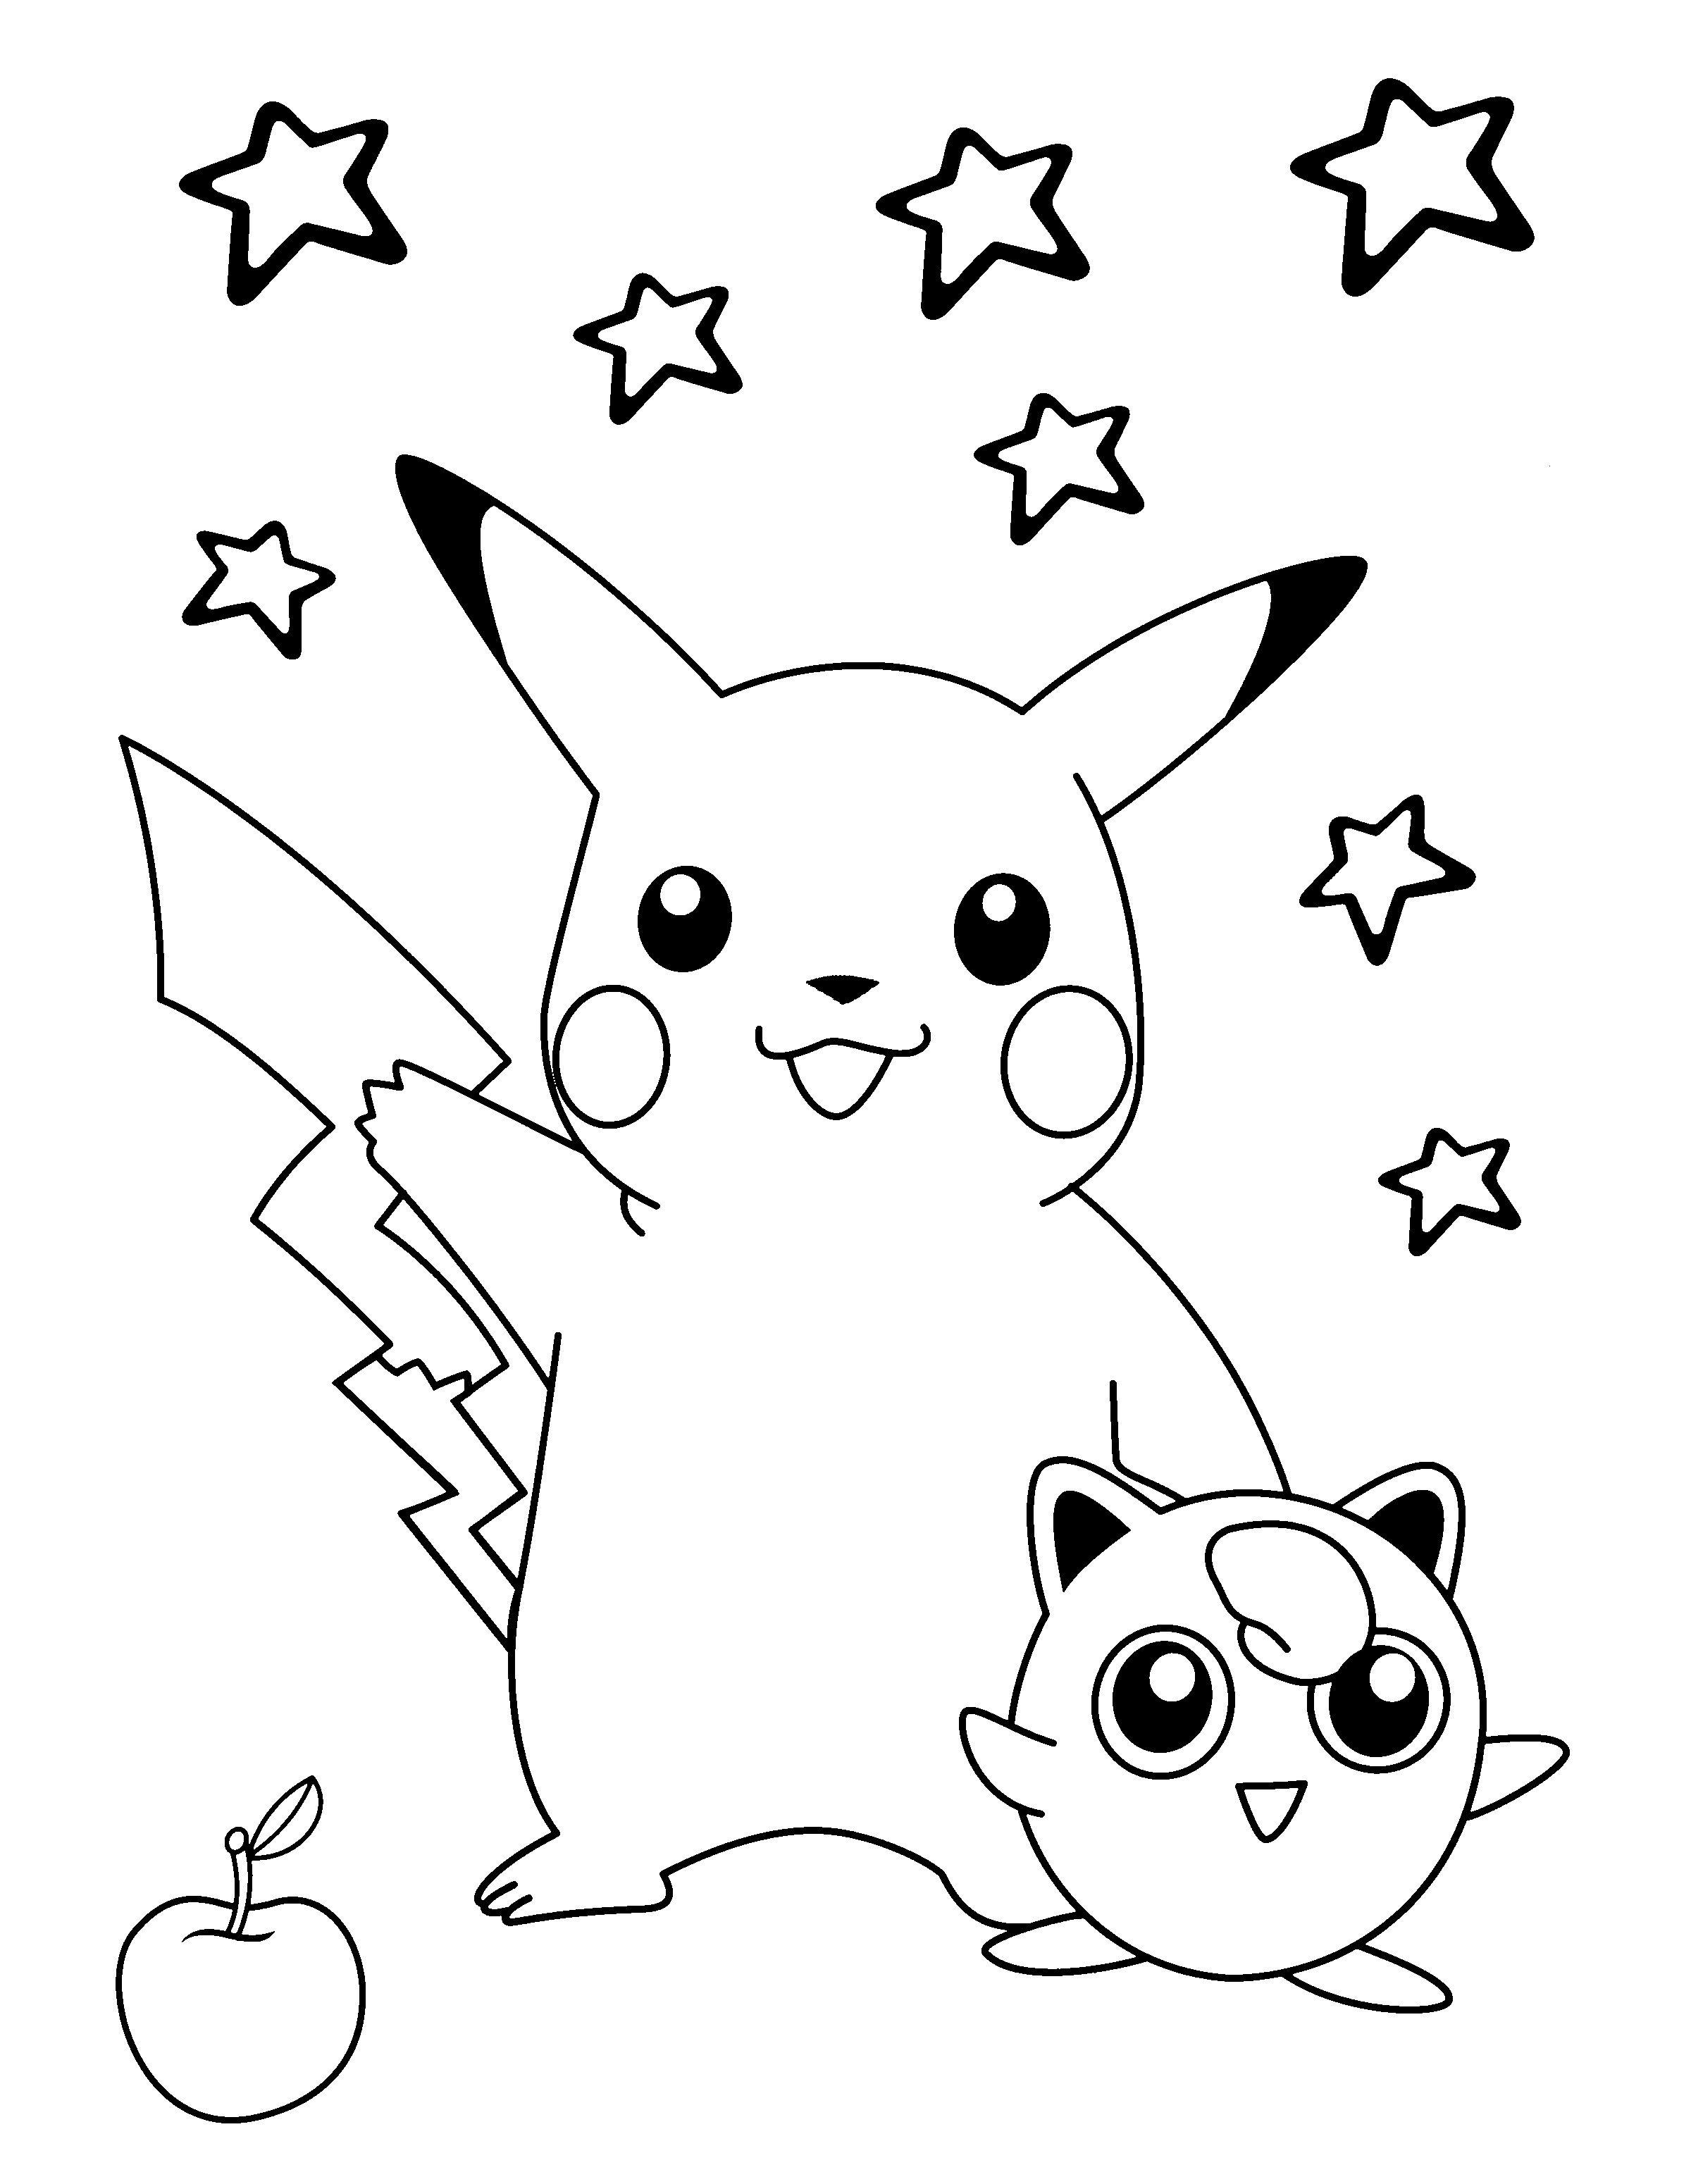 32 Prodigue Dessin Coloriage Pokemon Pictures   Coloriage pikachu ...